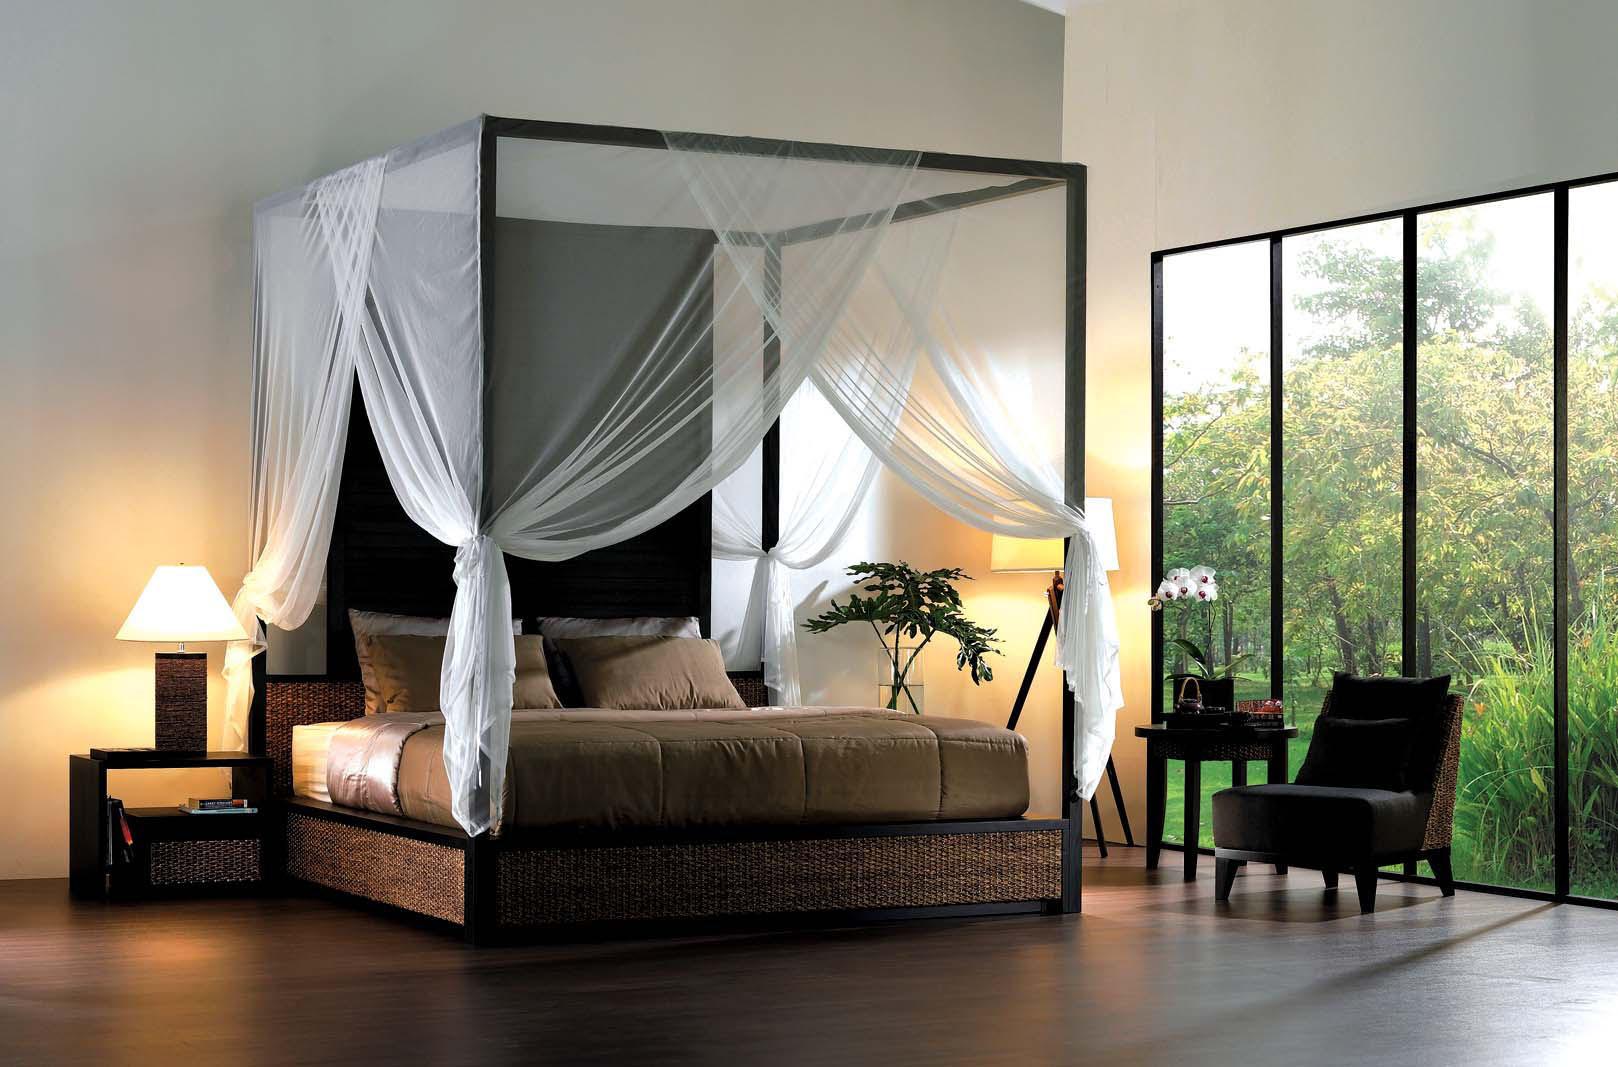 10 Desain Kamar / Tempat Tidur Mewah Dengan Kanopi | Seputar Semarang